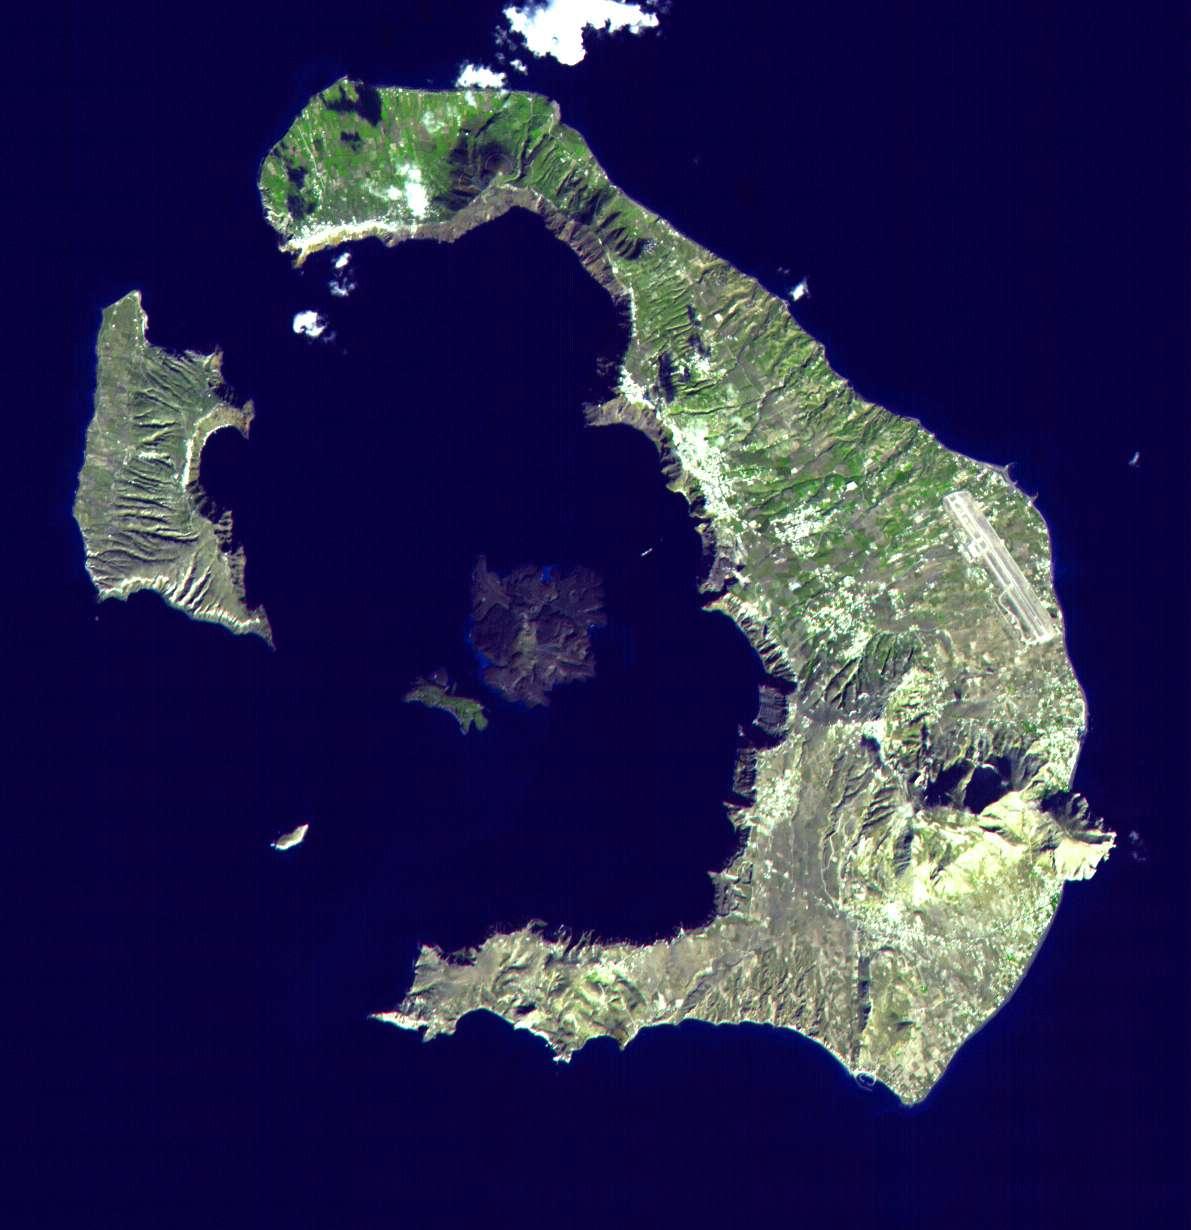 L'île de Santorin avec sa caldeira centrale. © Nasa